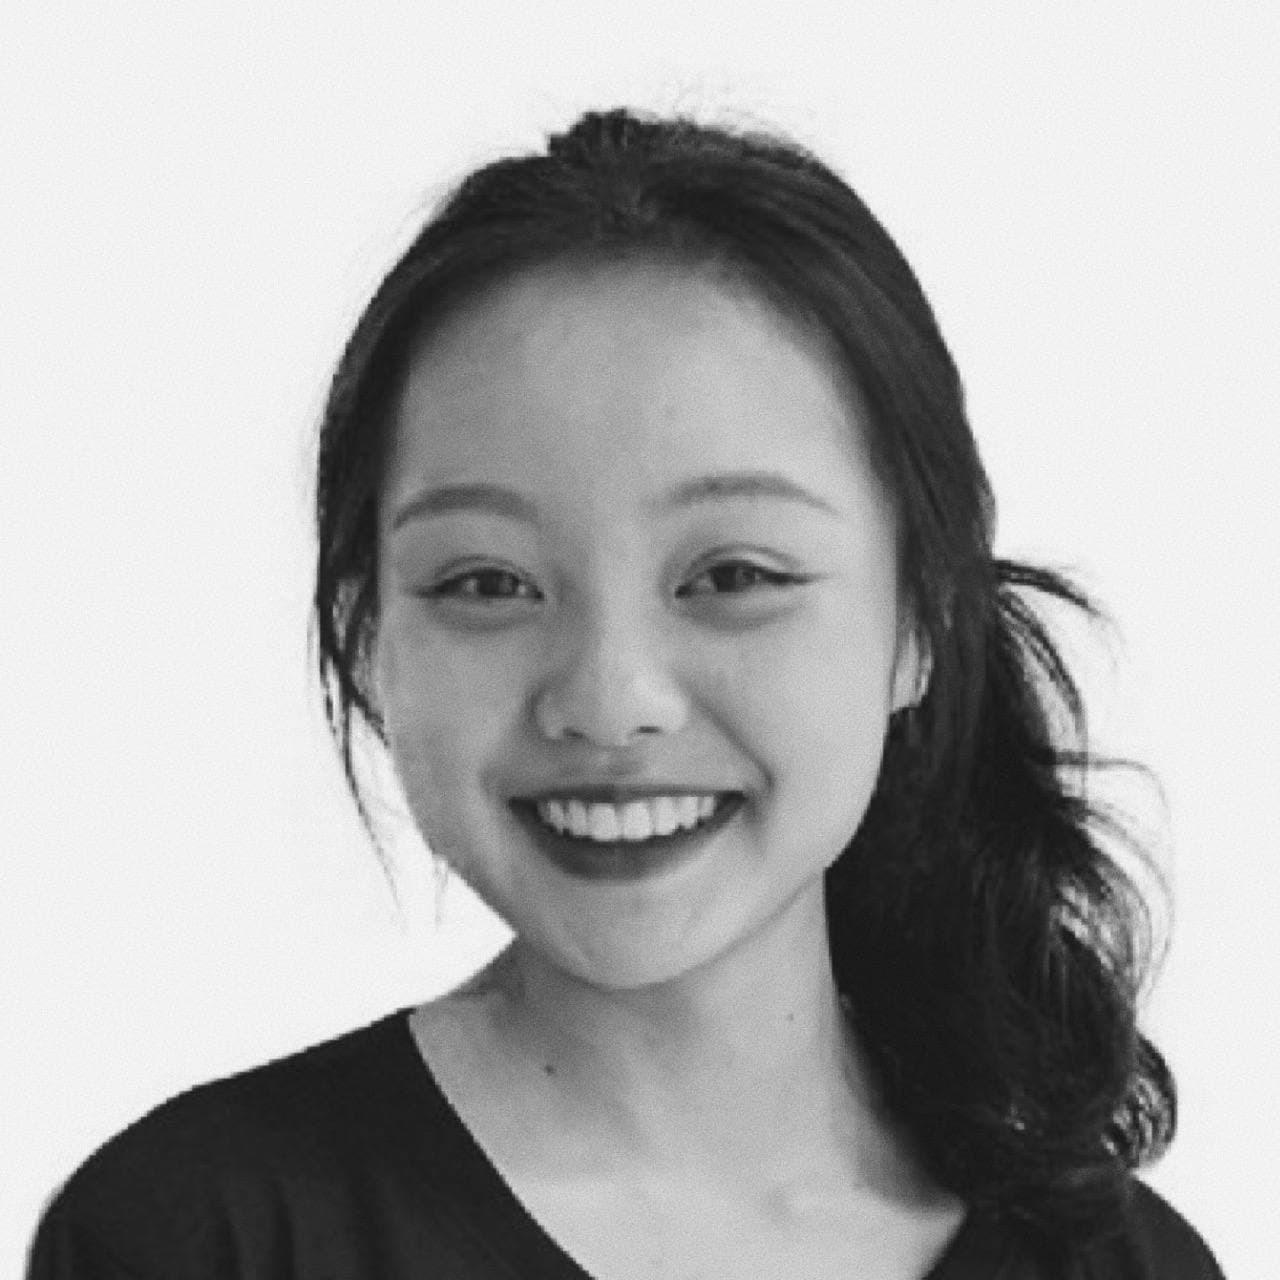 Beh Jing Yi